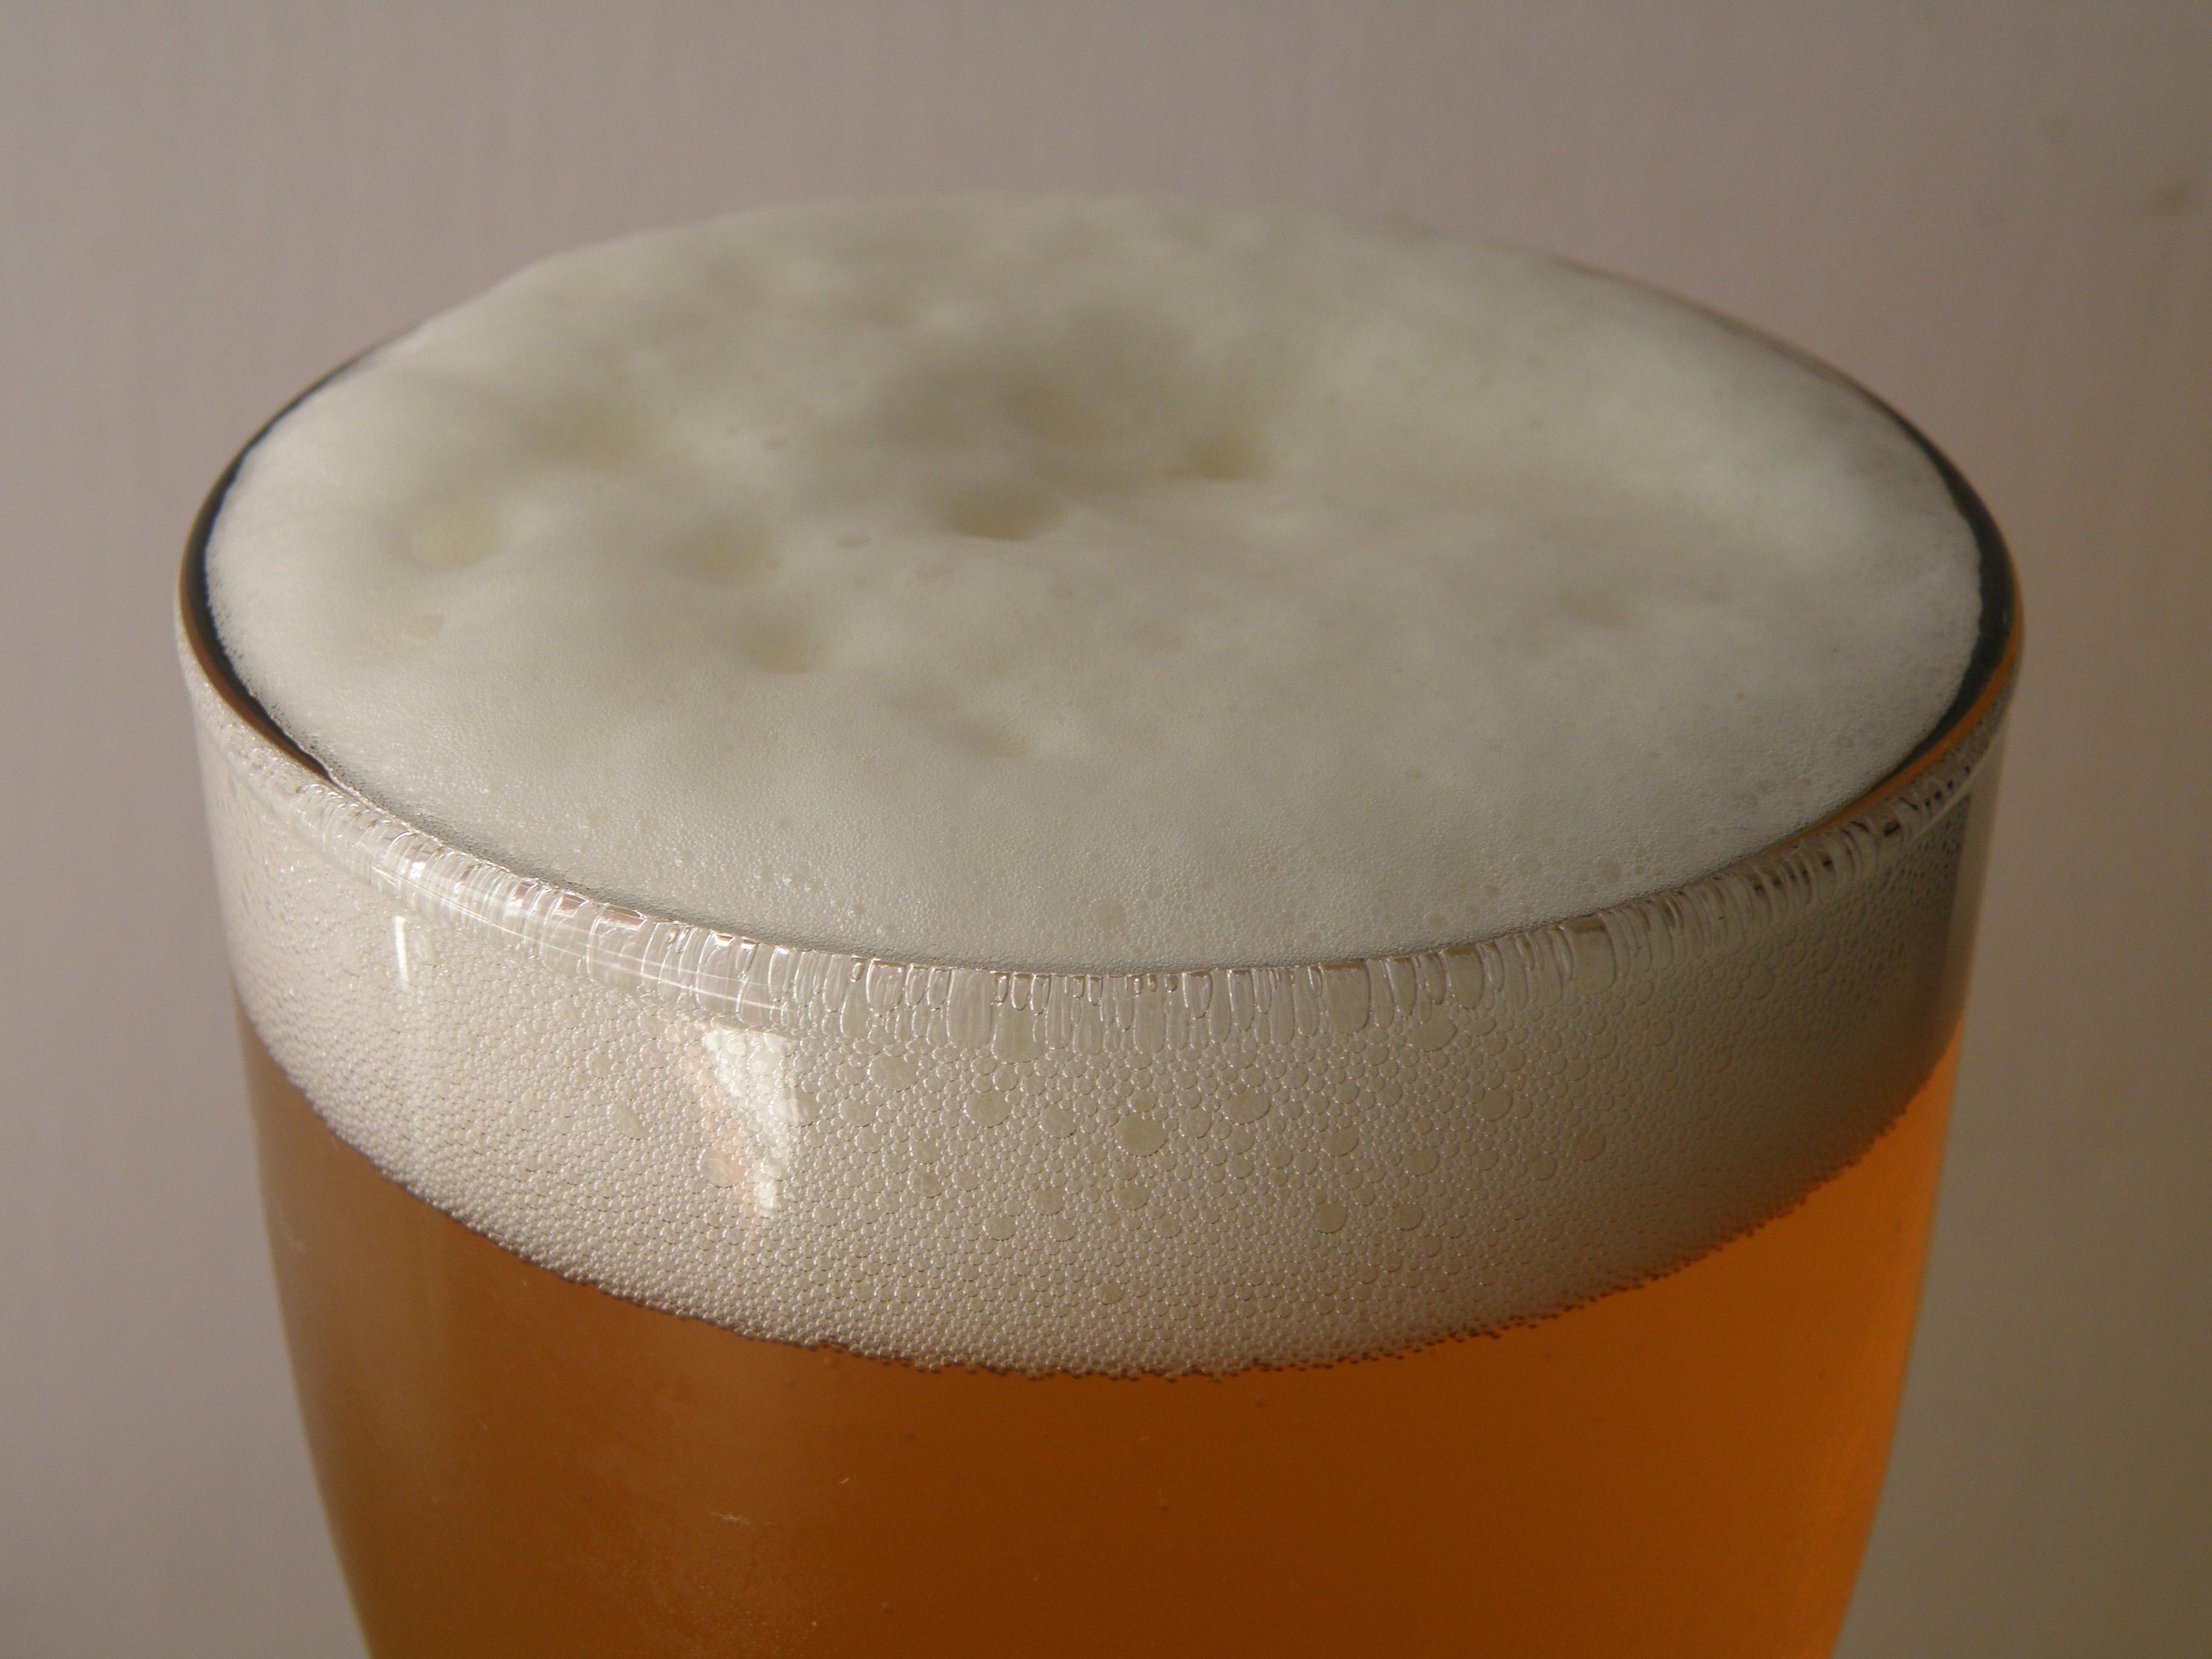 La espuma de la cerveza es un coloide en el que partículas de gas, las burbujas, se encuentran dispersas en un medio líquido.